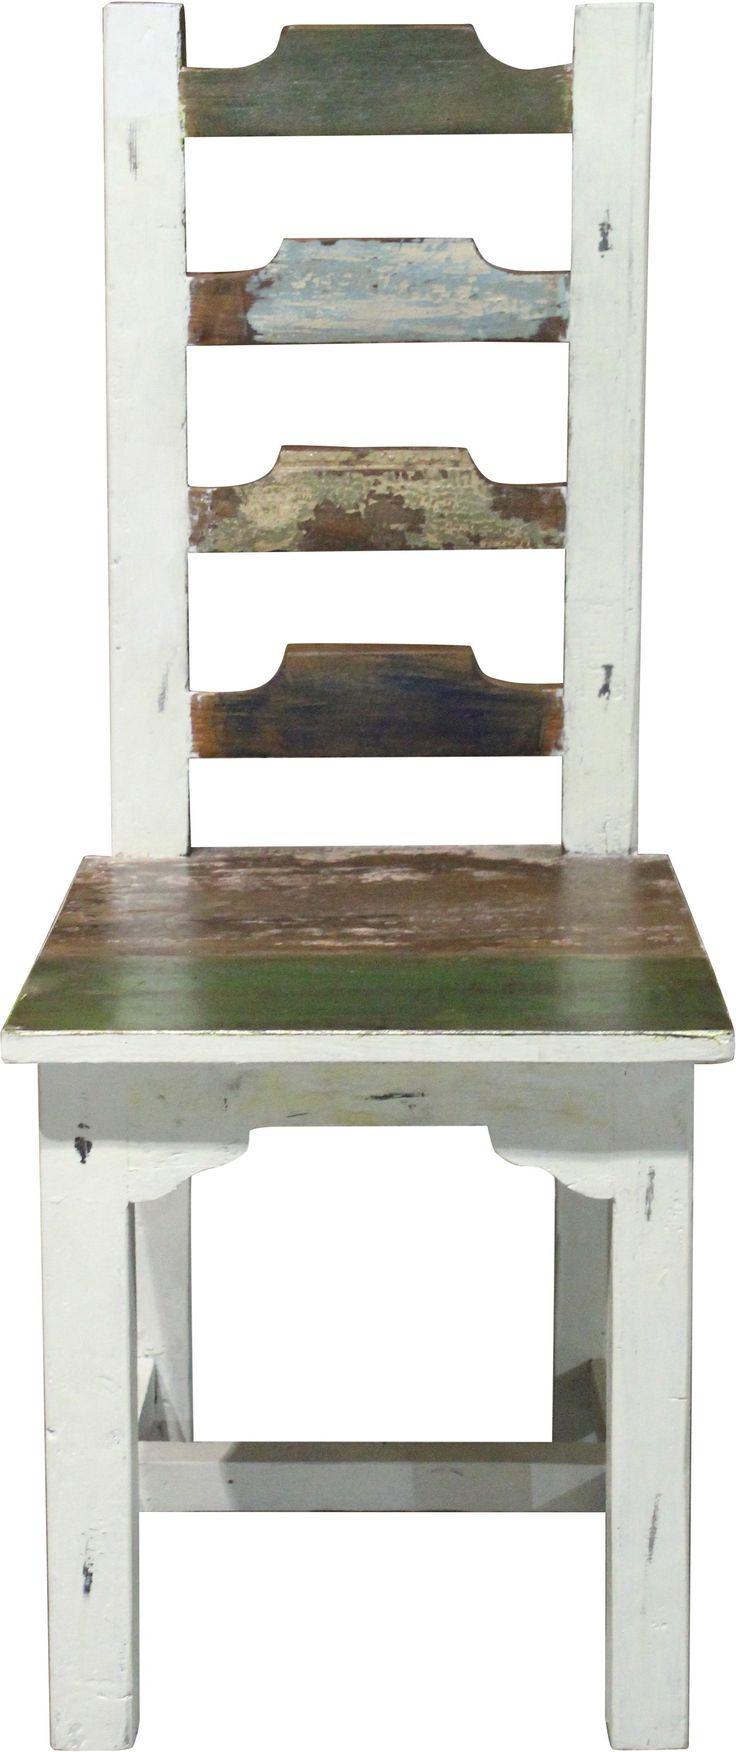 Home affaire Stühle »Shutter« beige, FSC®-zertifiziert Jetzt bestellen unter: https://moebel.ladendirekt.de/kueche-und-esszimmer/stuehle-und-hocker/holzstuehle/?uid=d5a7f6b9-a2f5-59a8-8557-e94ab4ce5285&utm_source=pinterest&utm_medium=pin&utm_campaign=boards #stühle #kueche #holzstuehle #esszimmer #hocker #stuehle